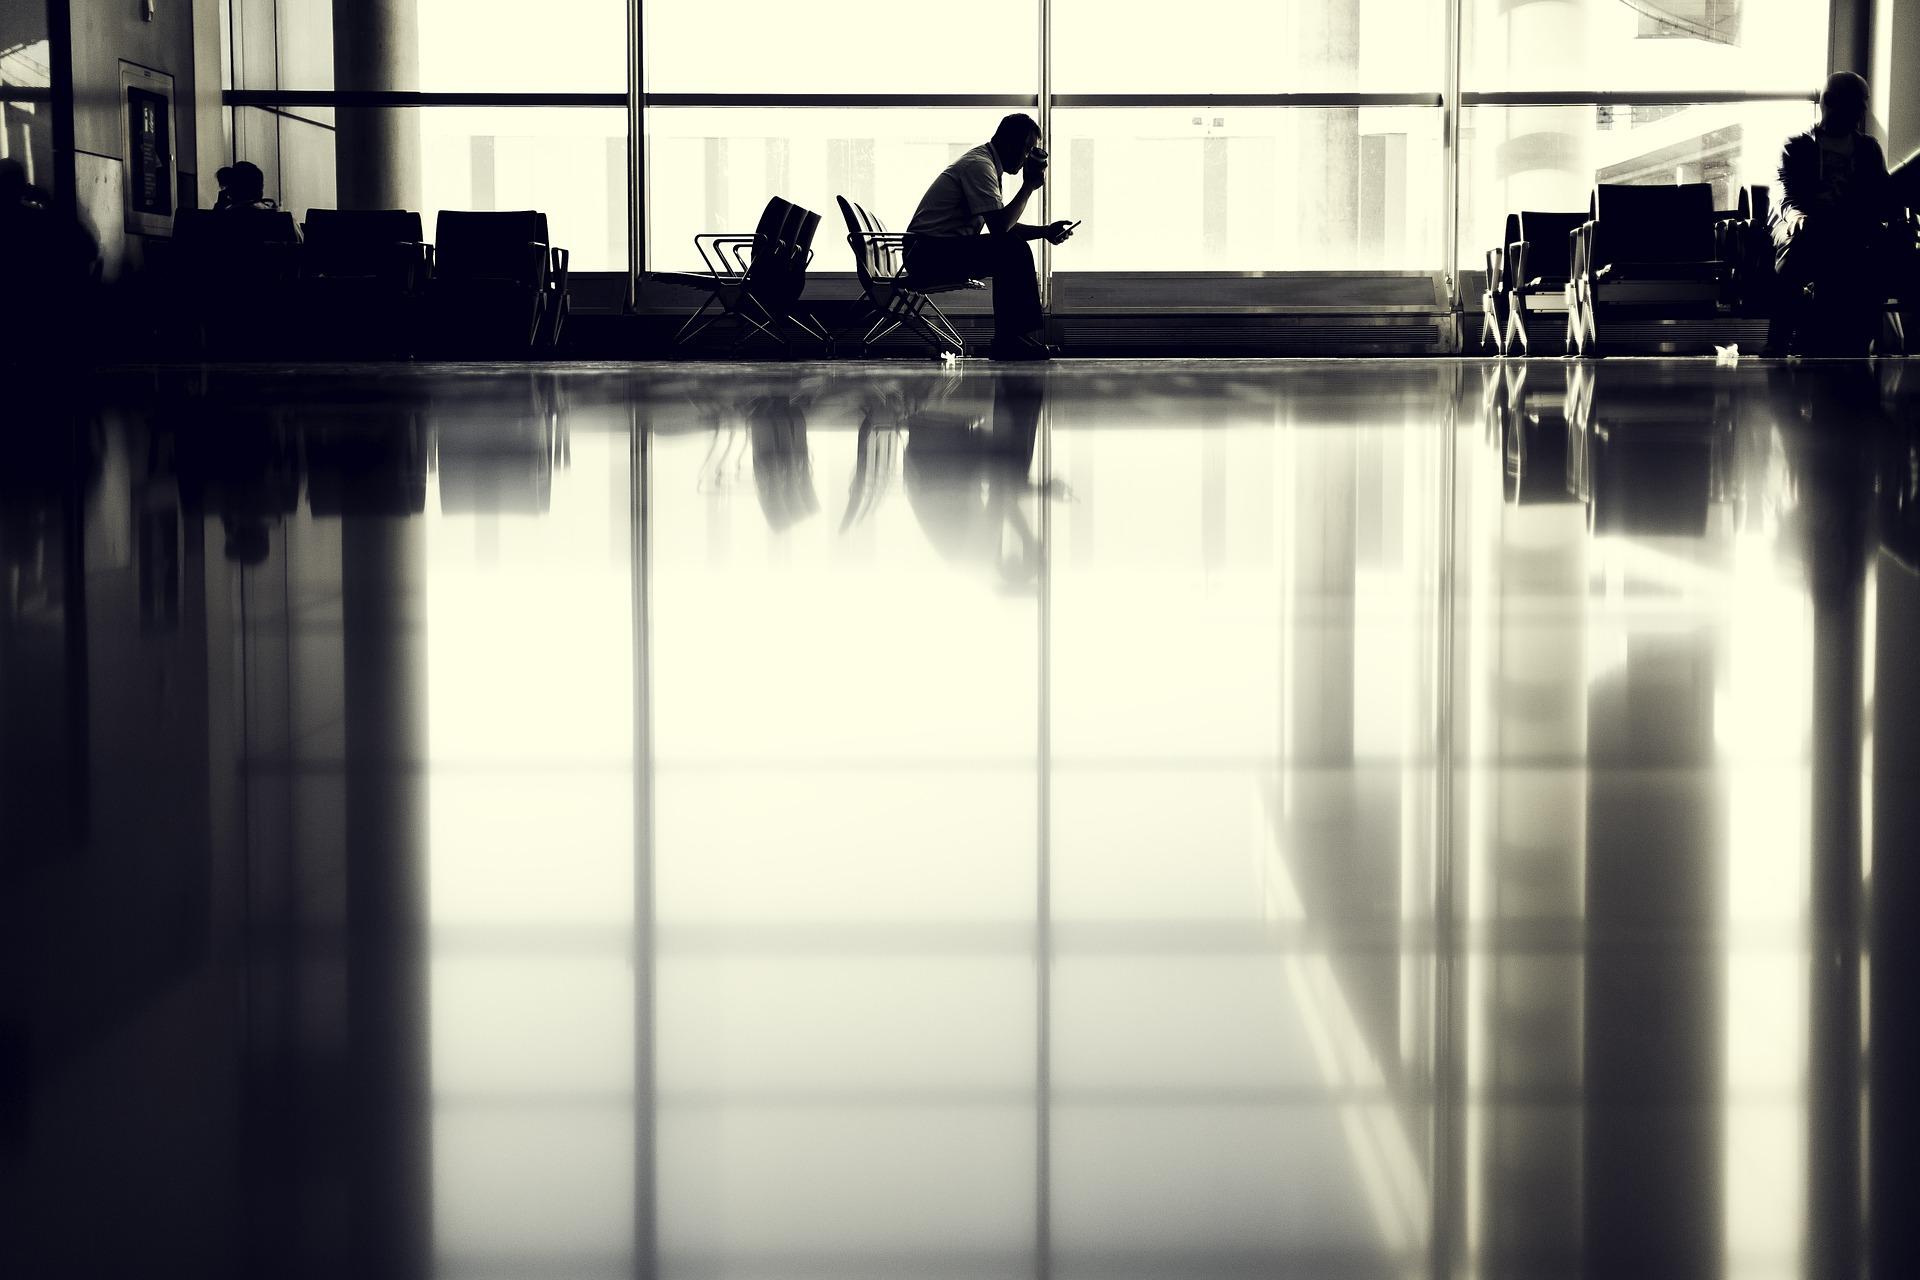 Agencias de viajes en quiebra